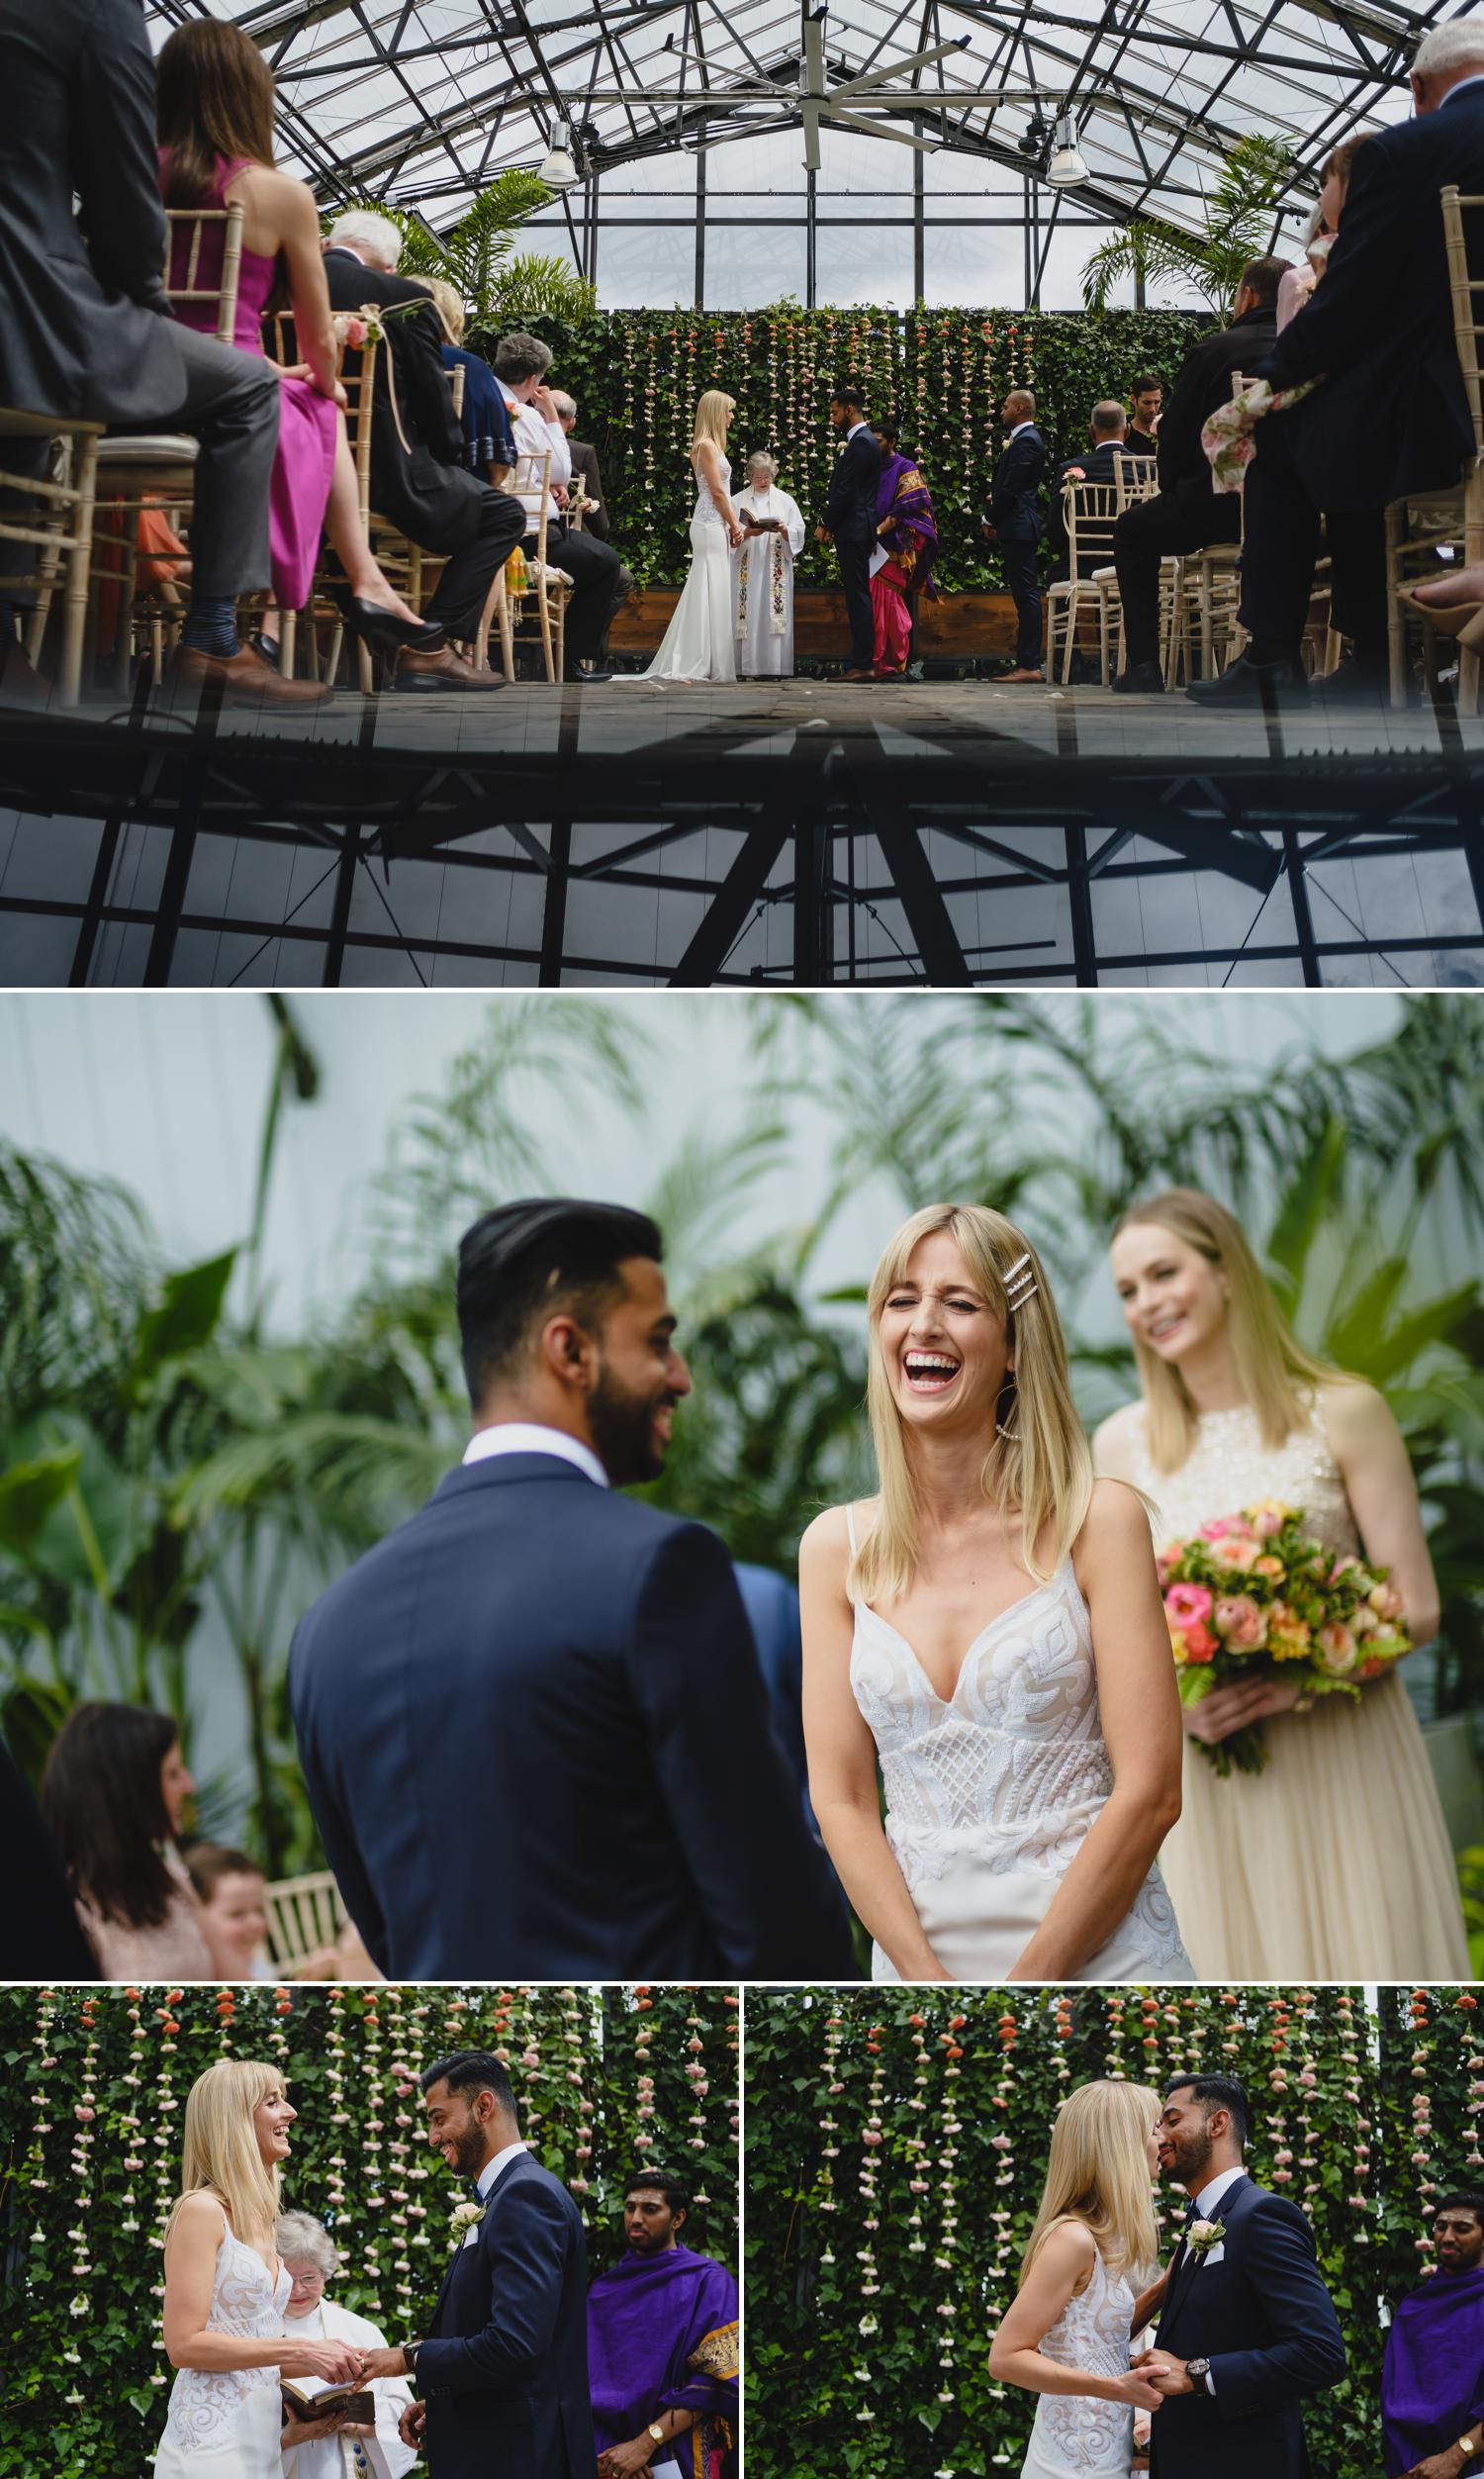 photographs of a wedding at aquatopia